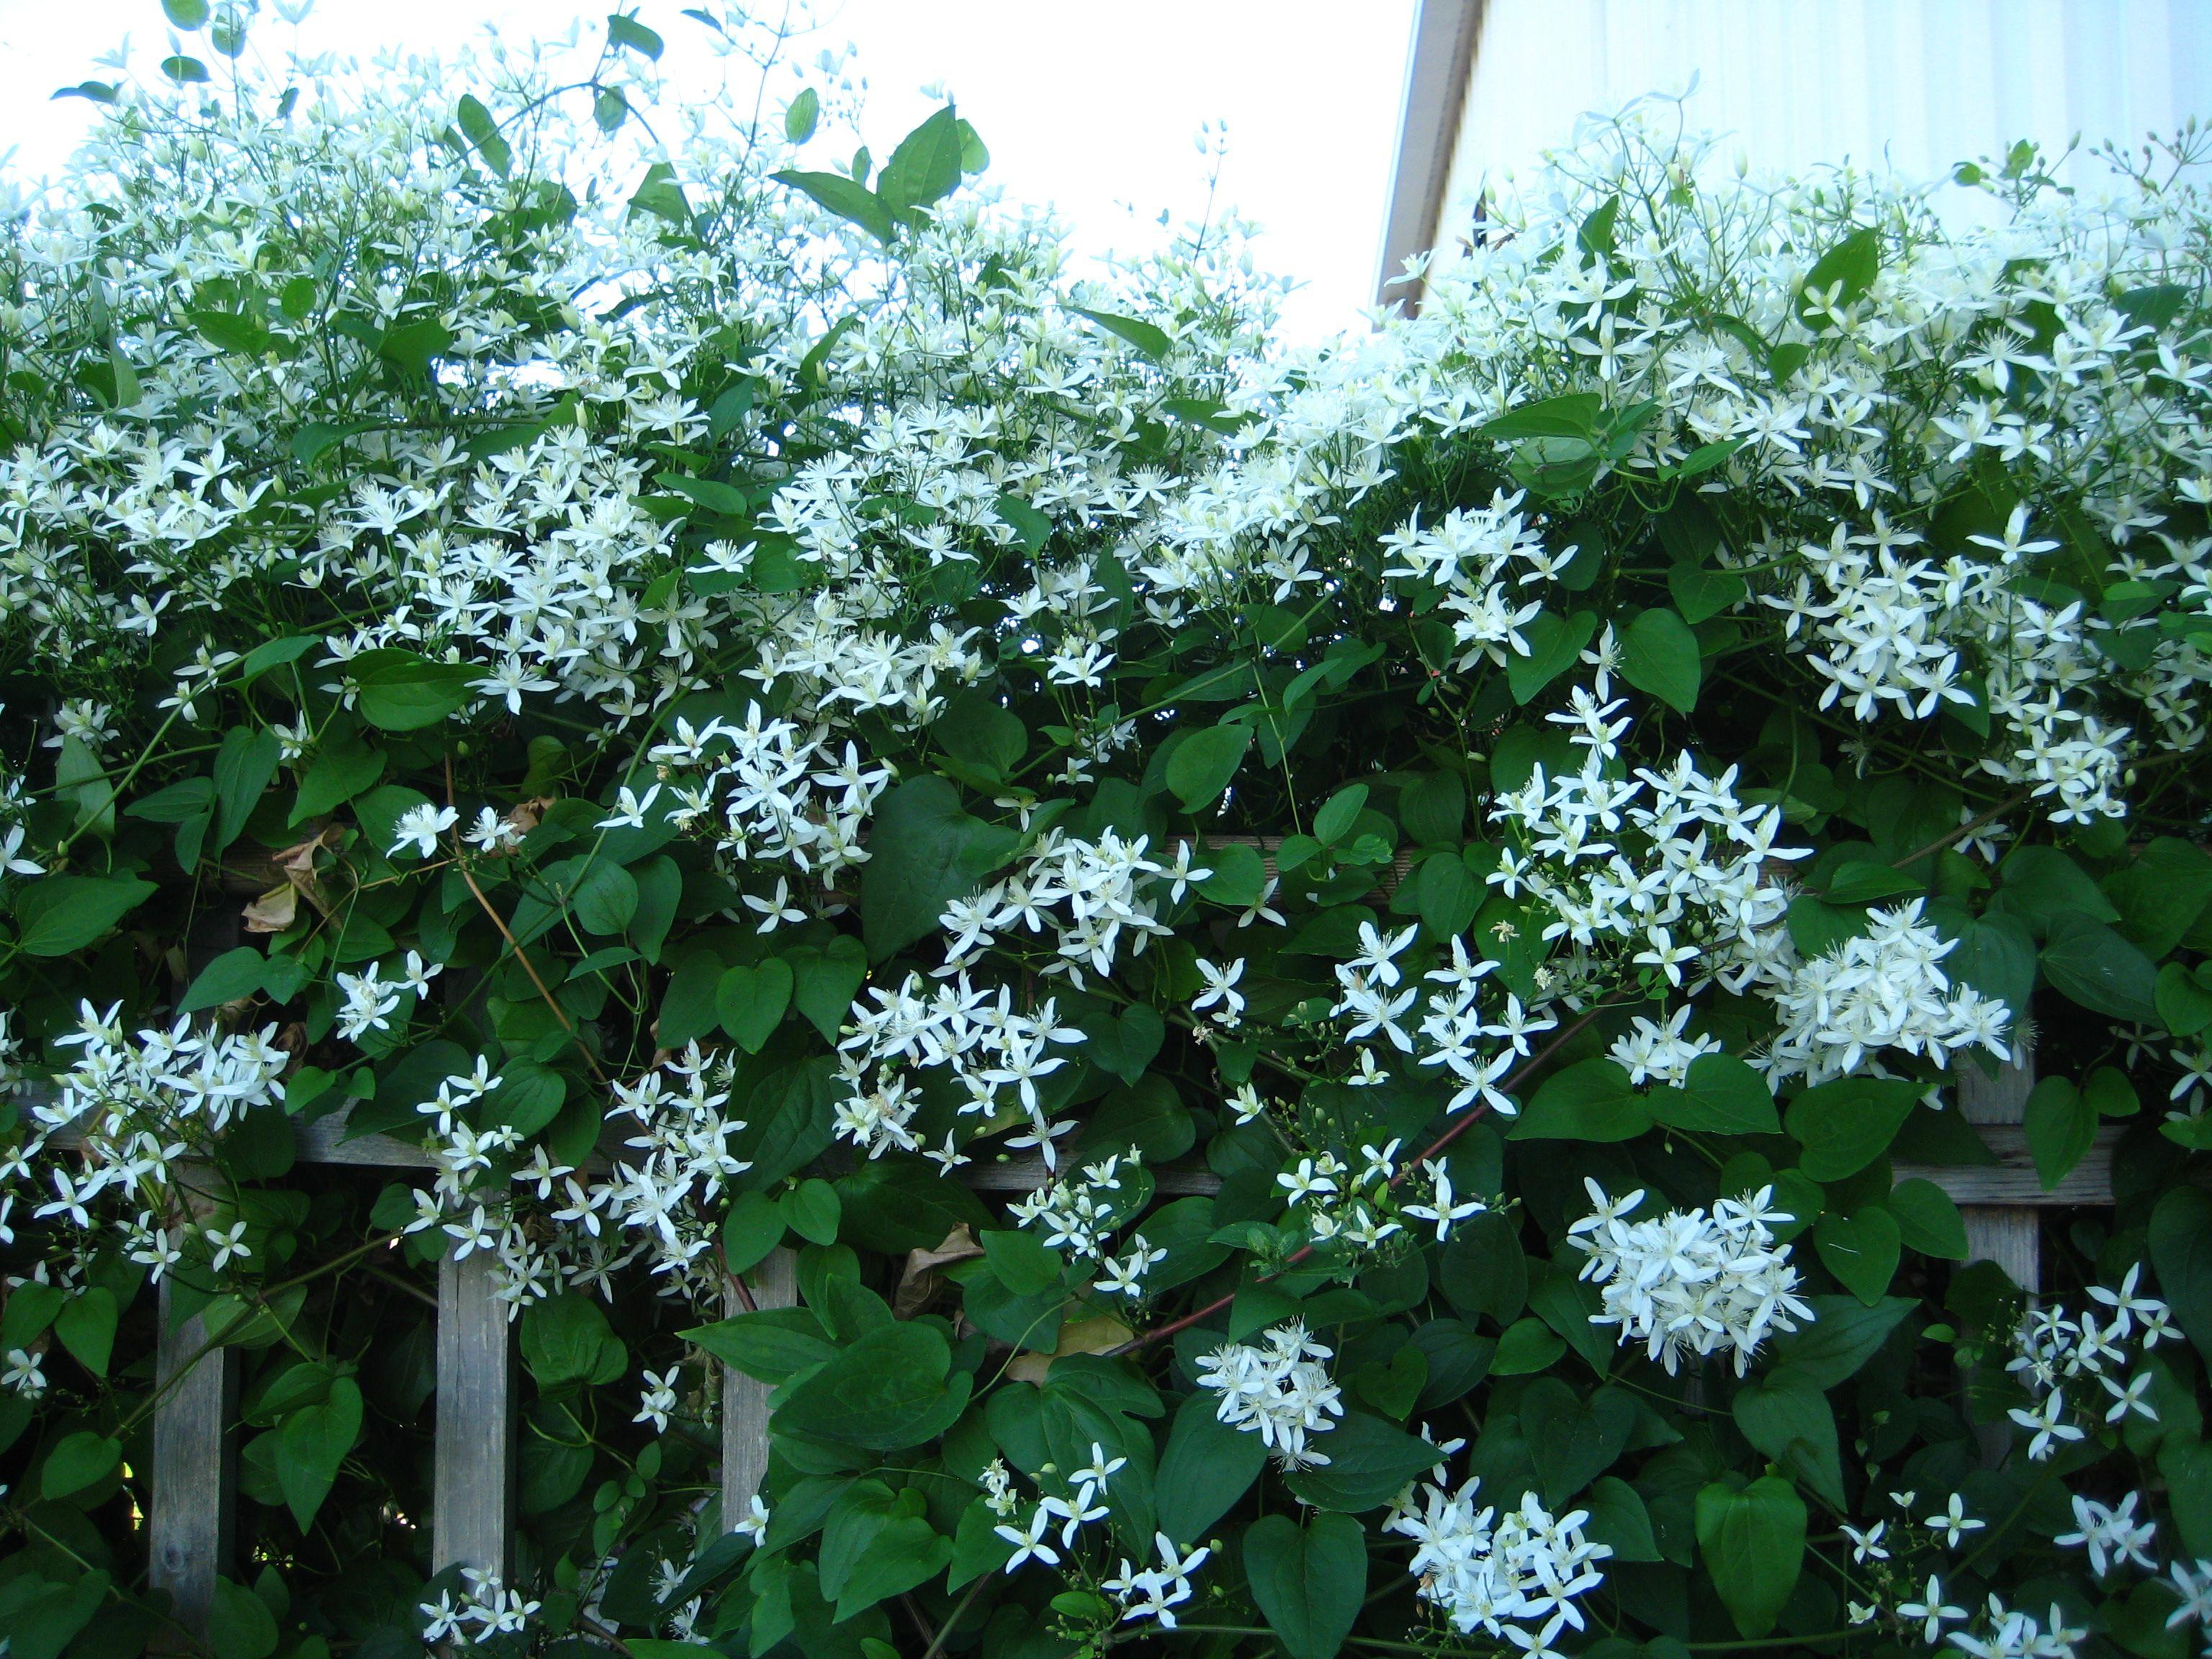 Trellis Plants For Shade Part - 20: Vine Trellis